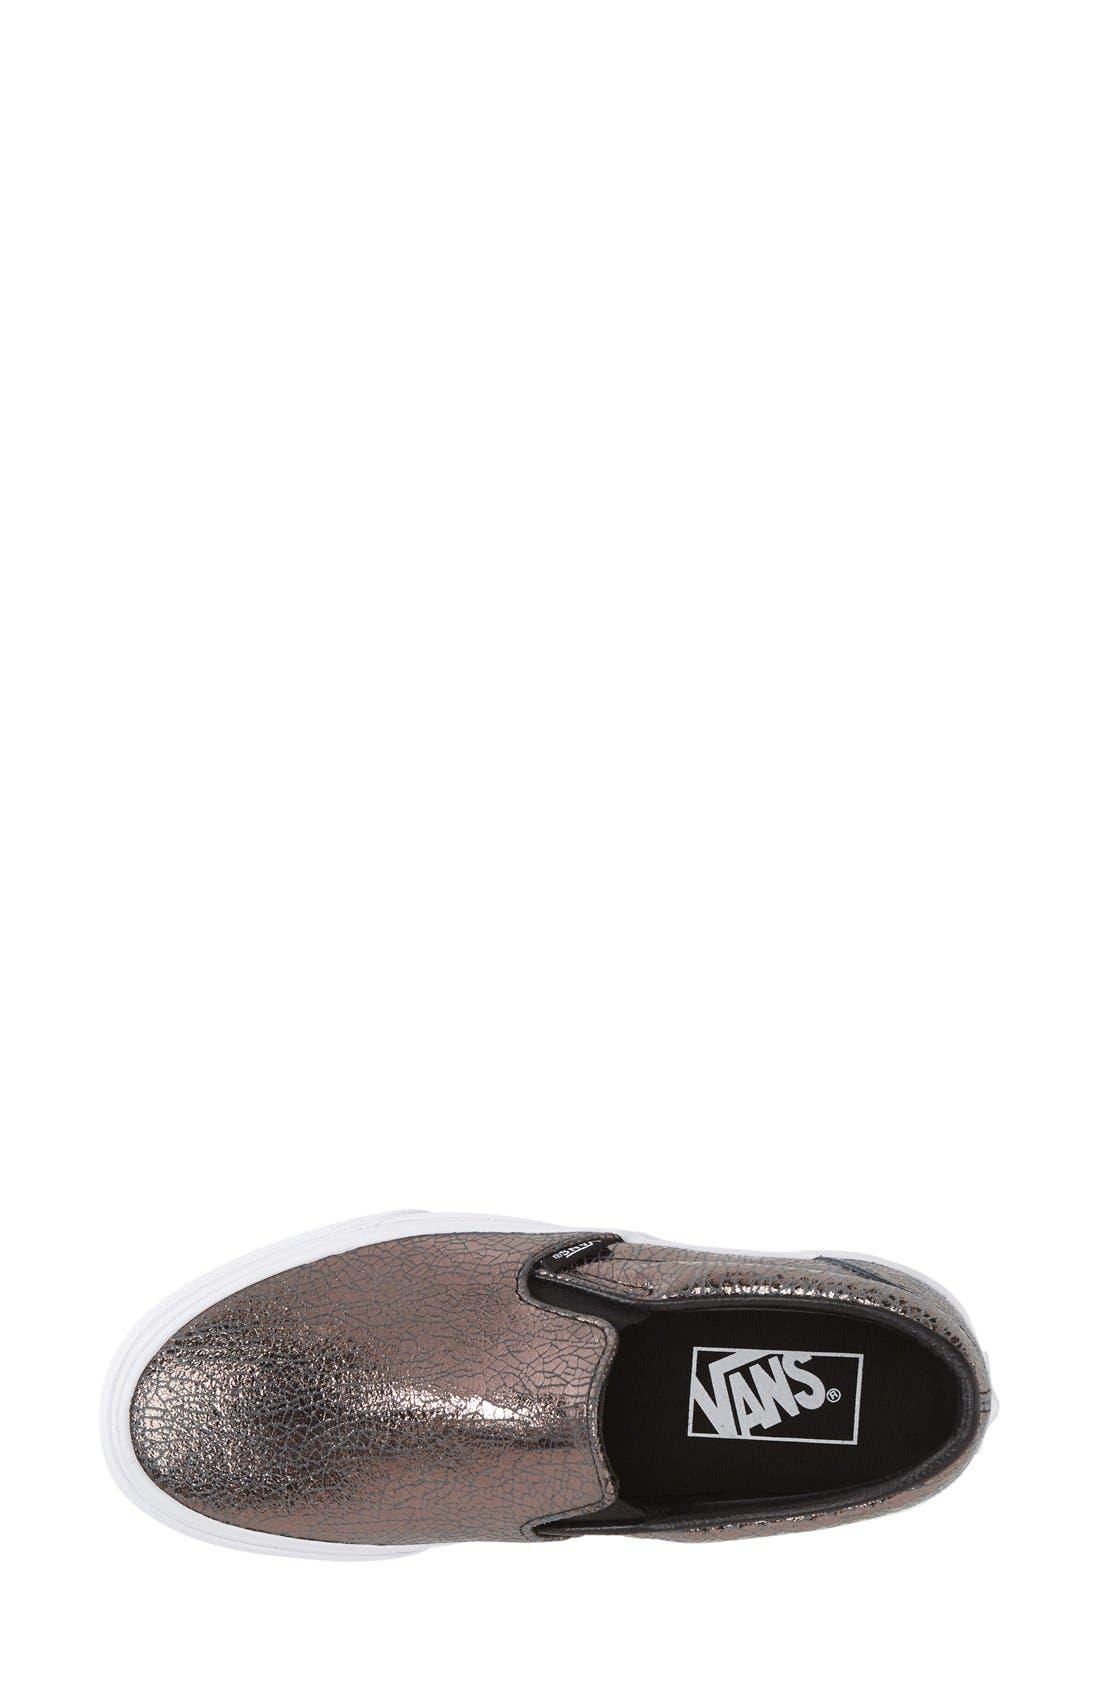 Alternate Image 3  - Vans 'Classic' Slip-On Sneaker (Women)